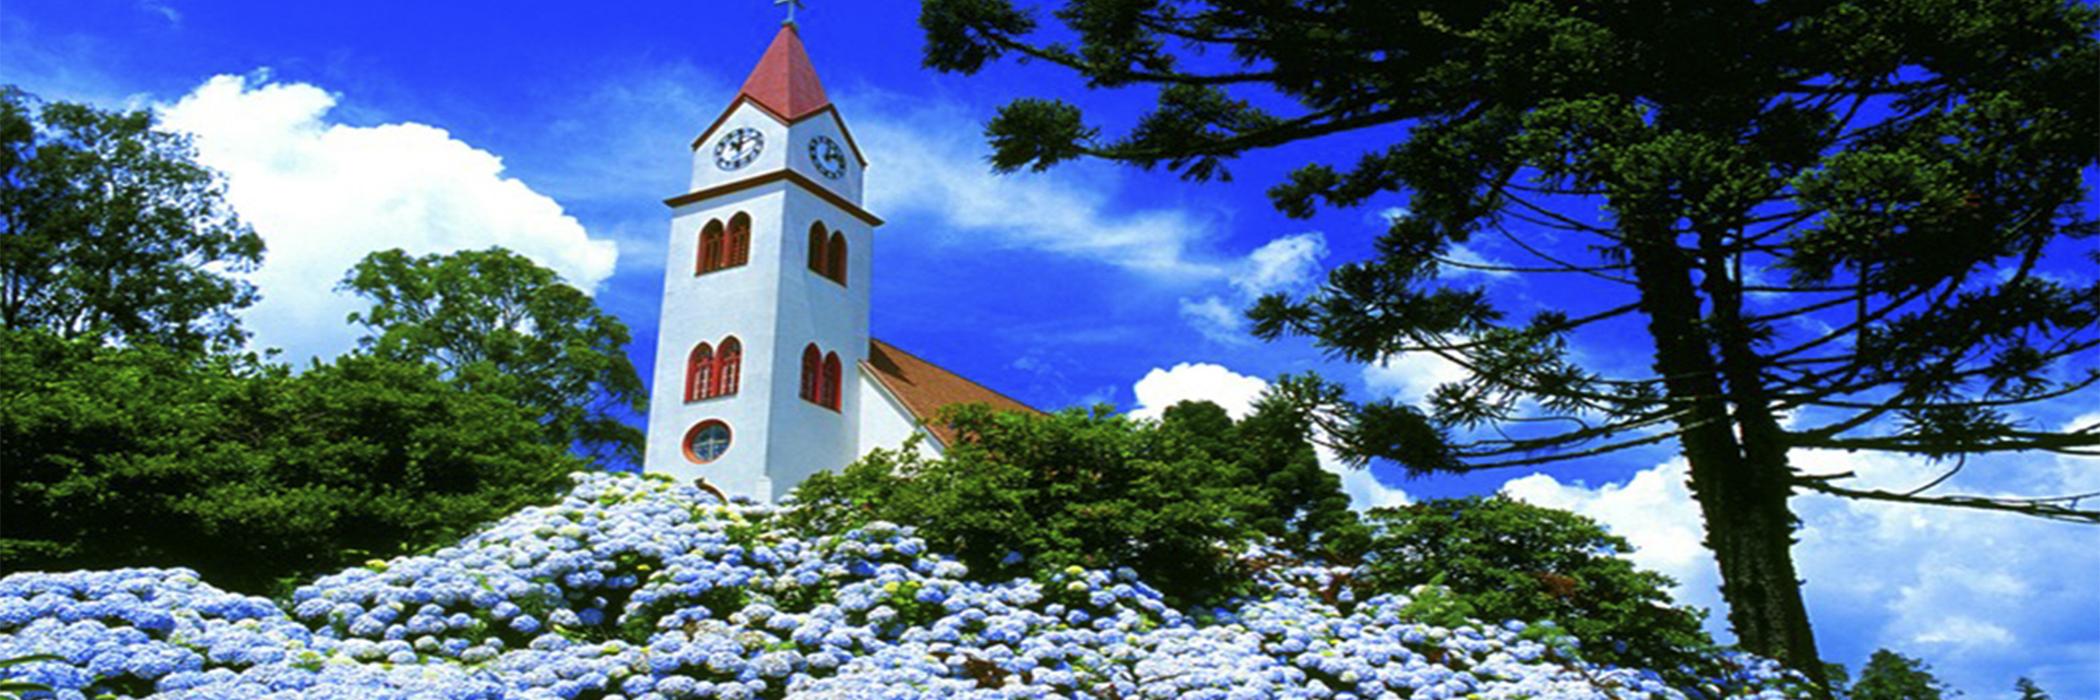 HOME ROTEIRO DA SERRA GAUCHA - RS GRAMADO - Nova petropolis - Topo vermelho da igreja